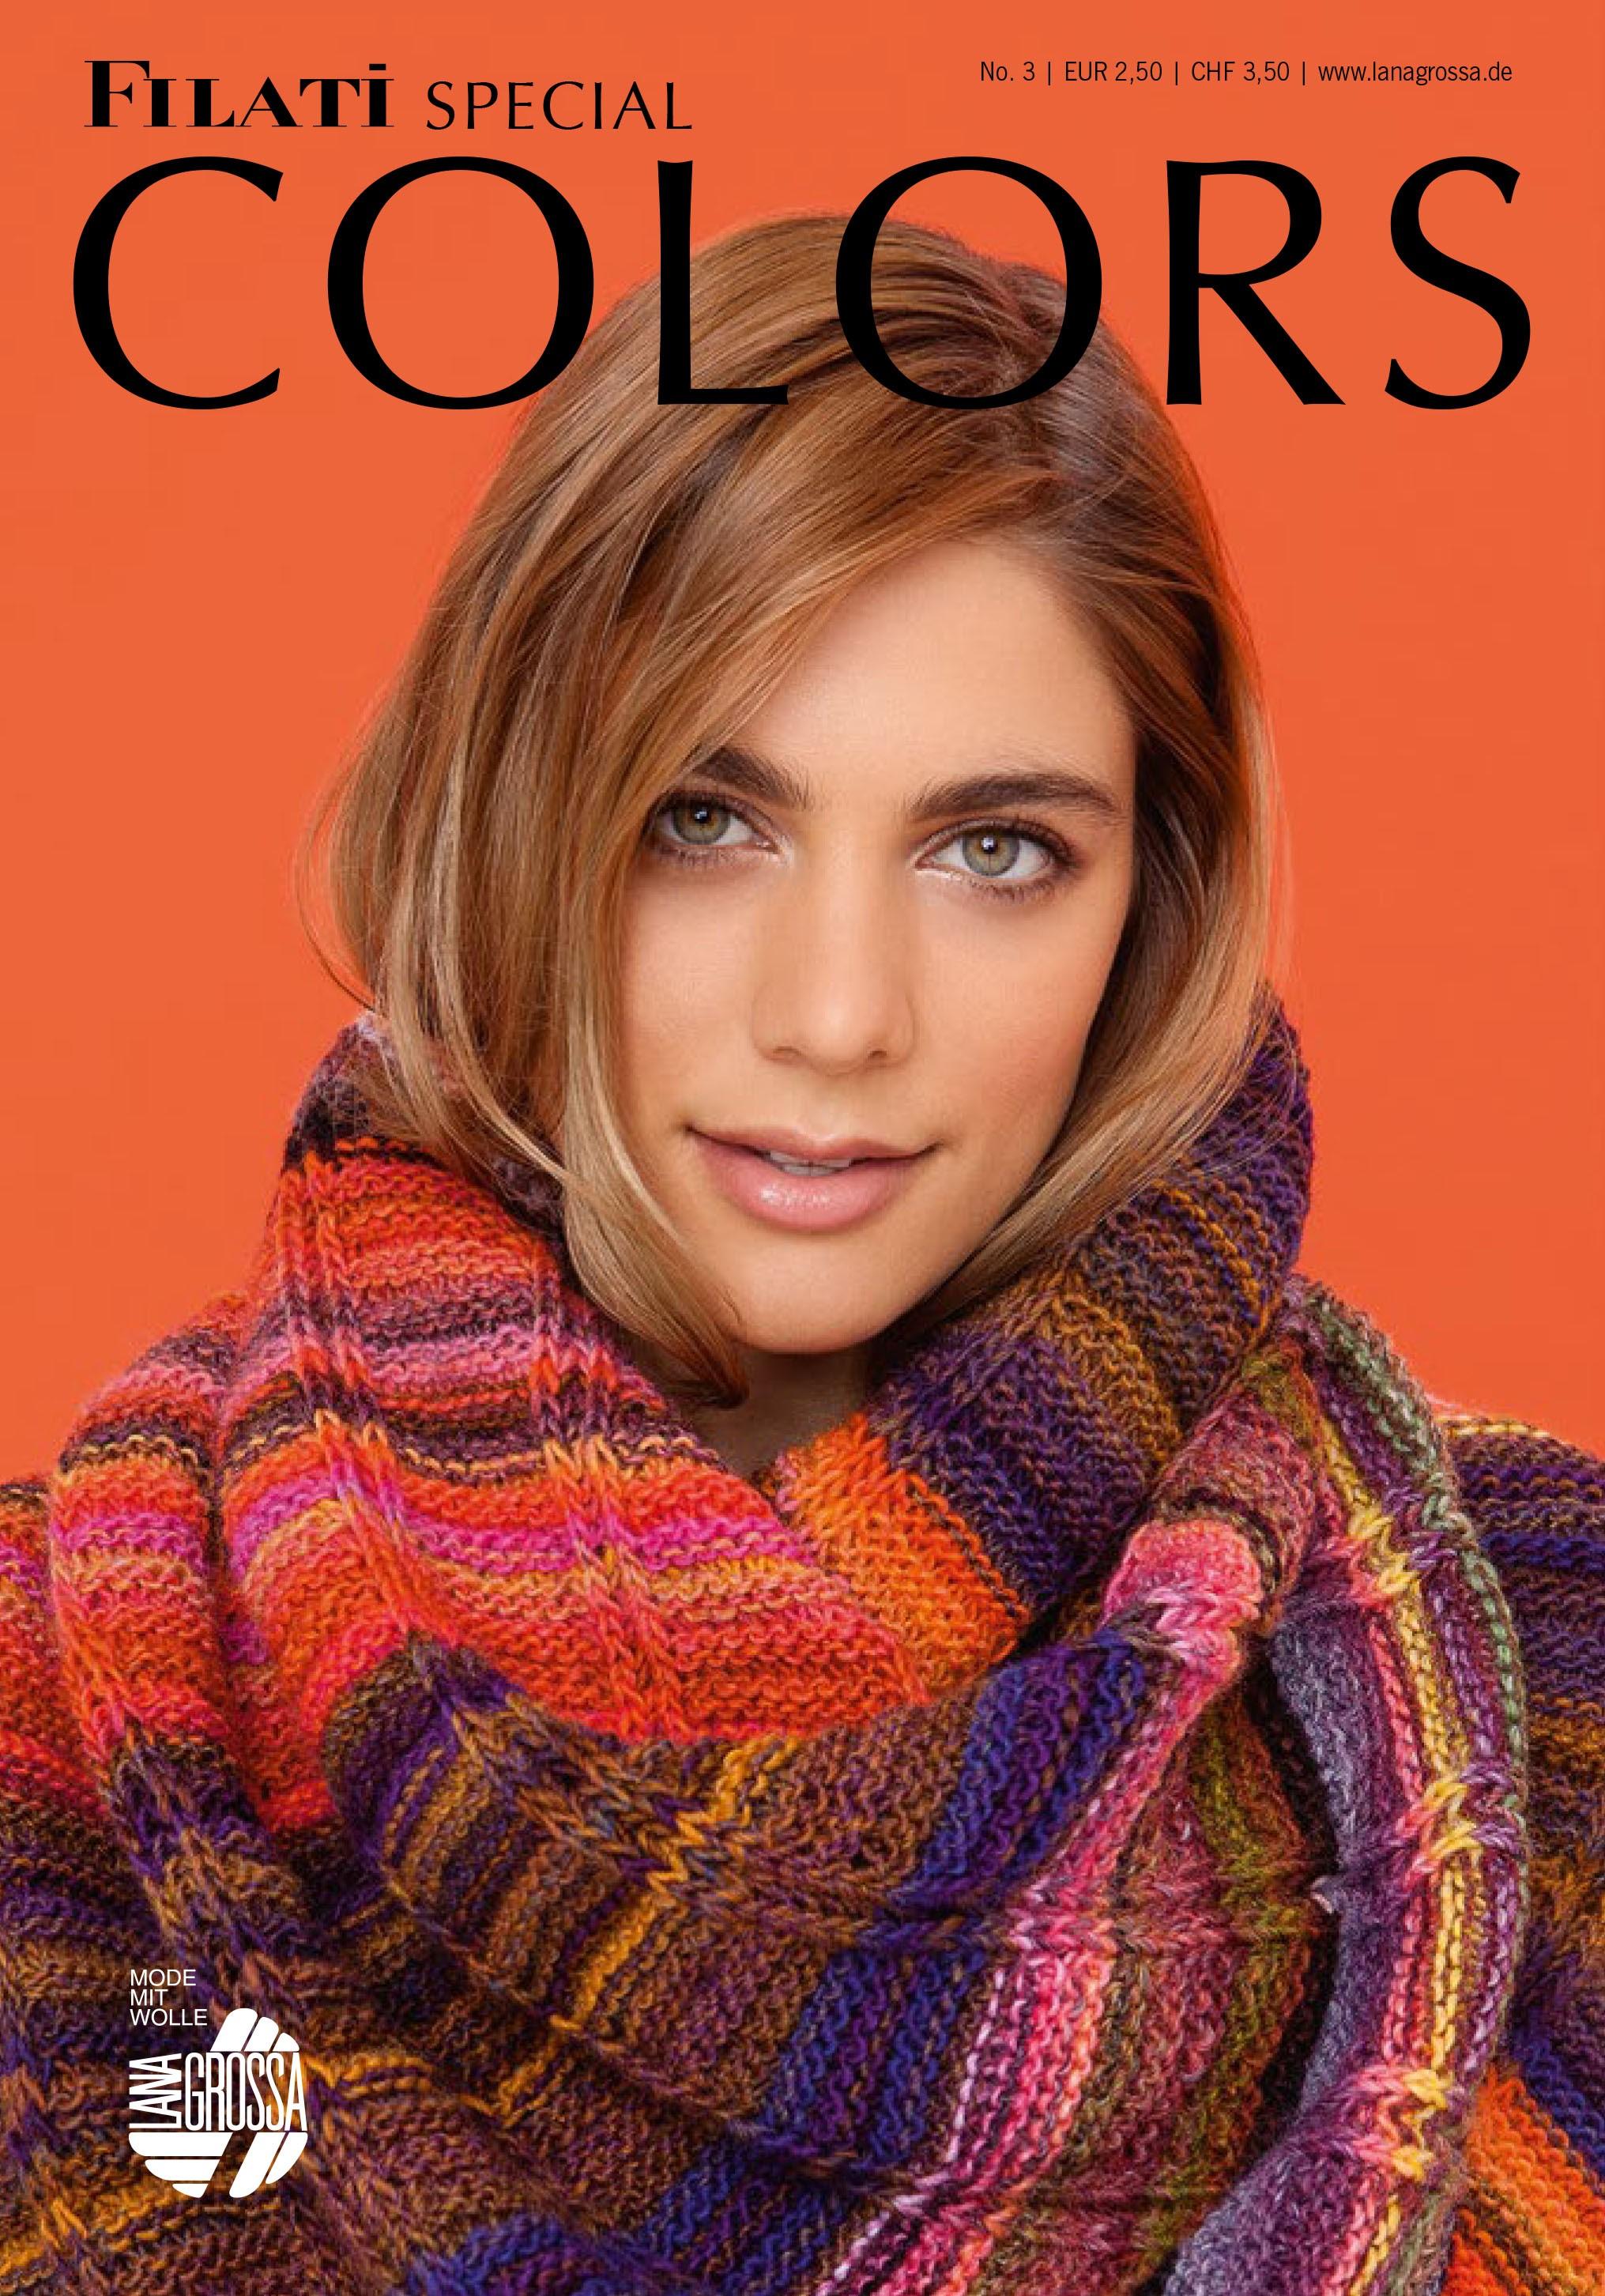 Lana Grossa COLORS No. 3